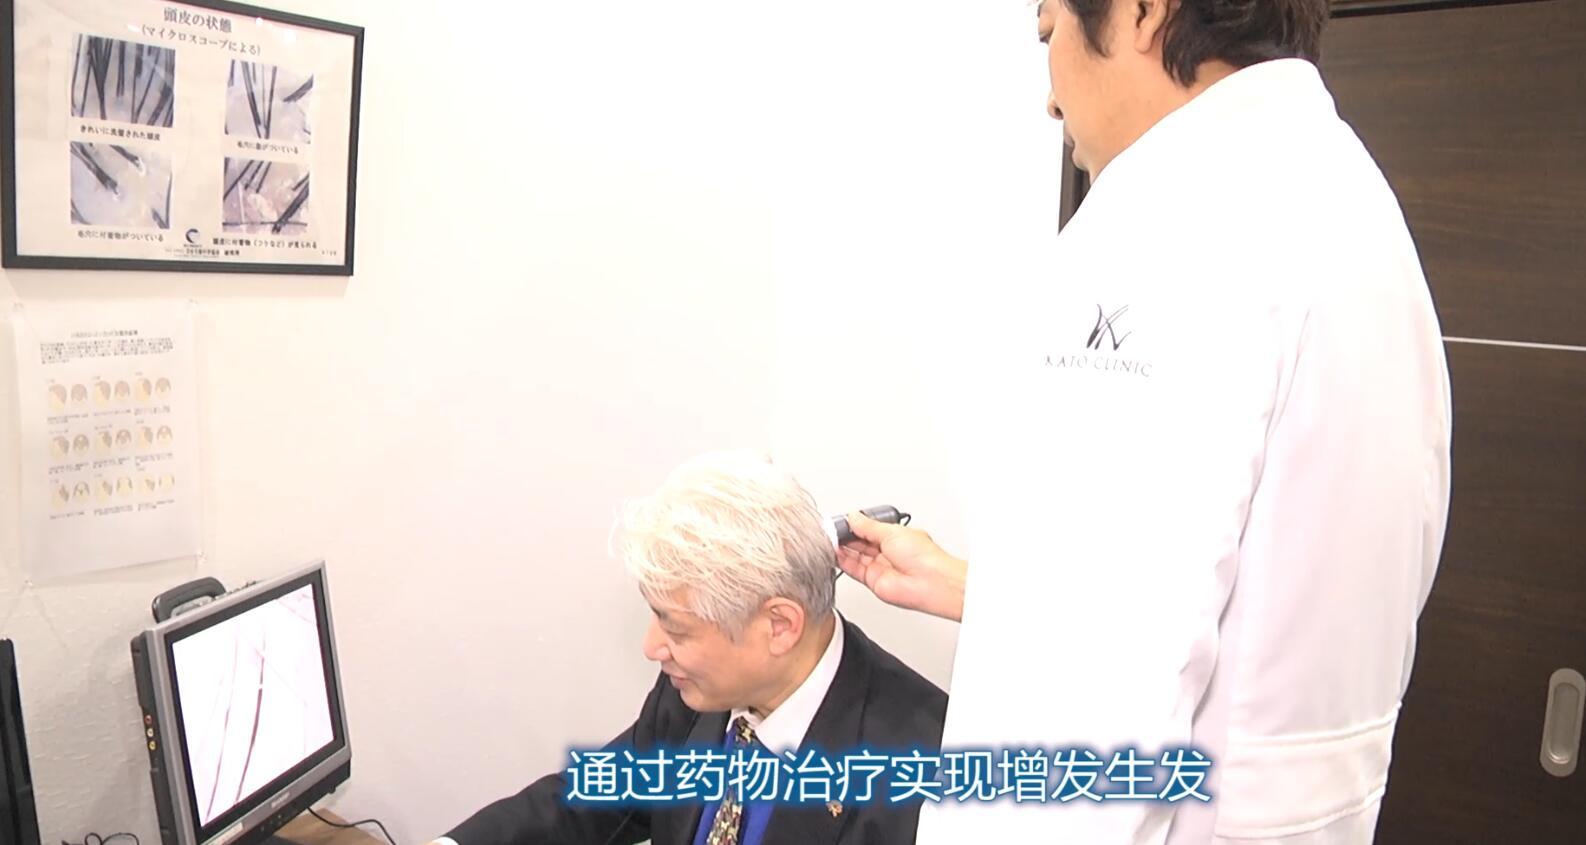 日本的中年大叔用什么对抗油腻?